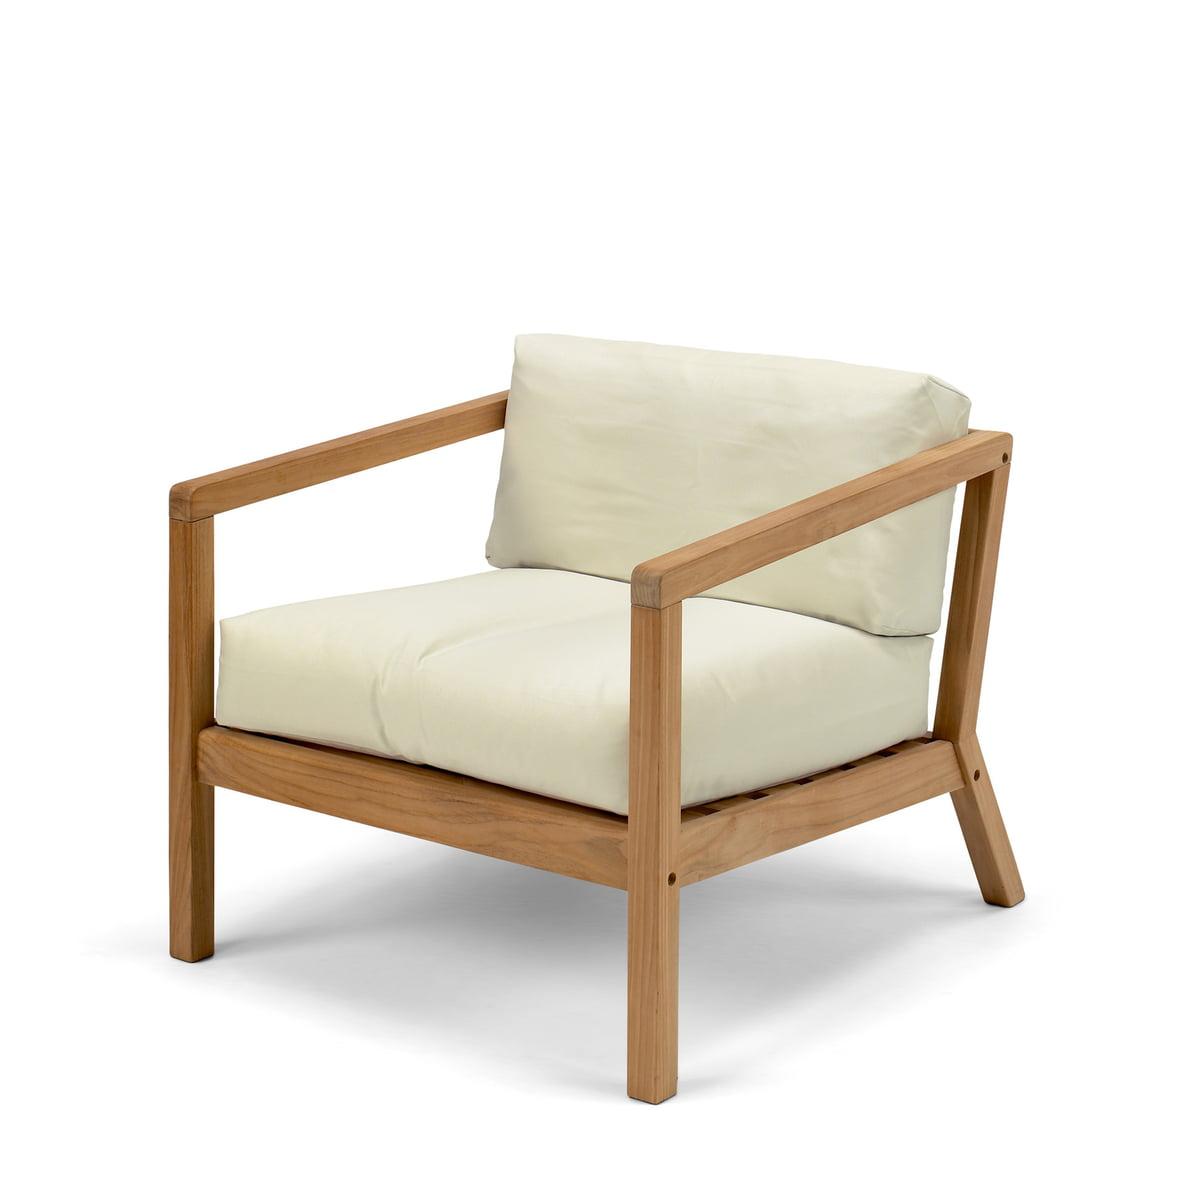 Sessel gezeichnet  Sessel Zeichnung | tesoley.com